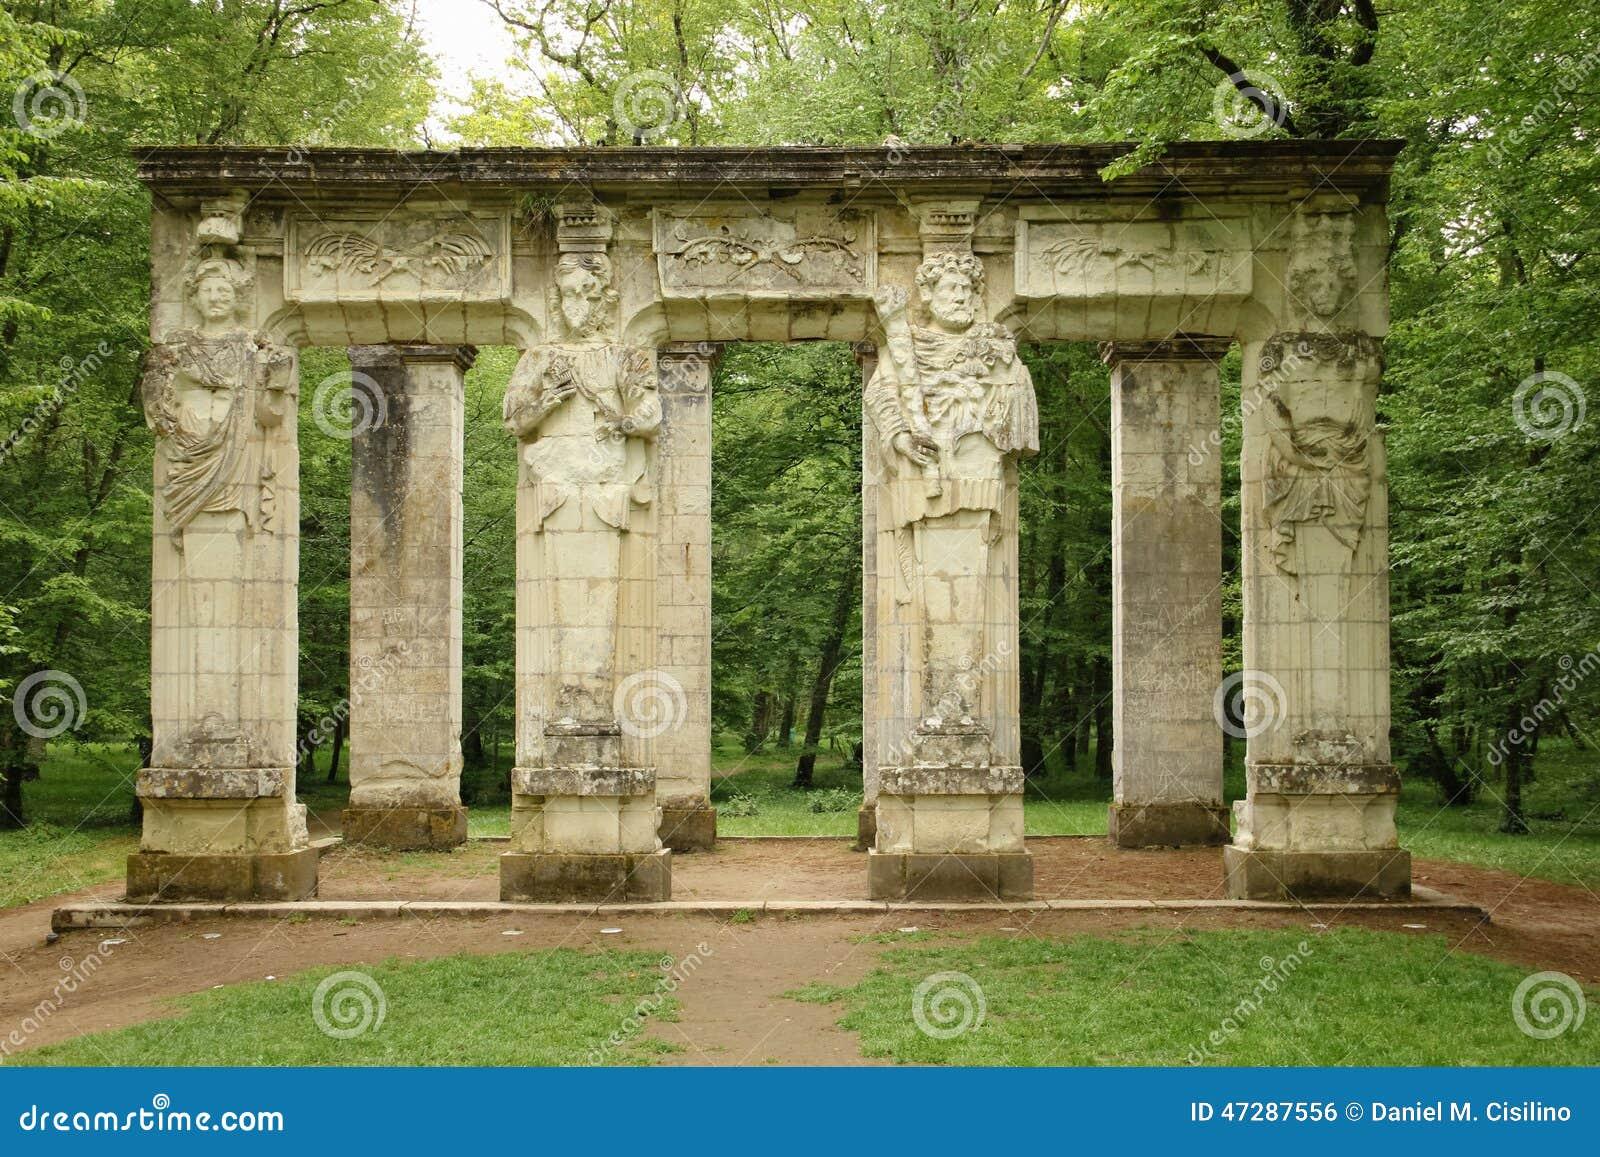 Les cariatides Chateau de Chenonceau Chenonceaux france